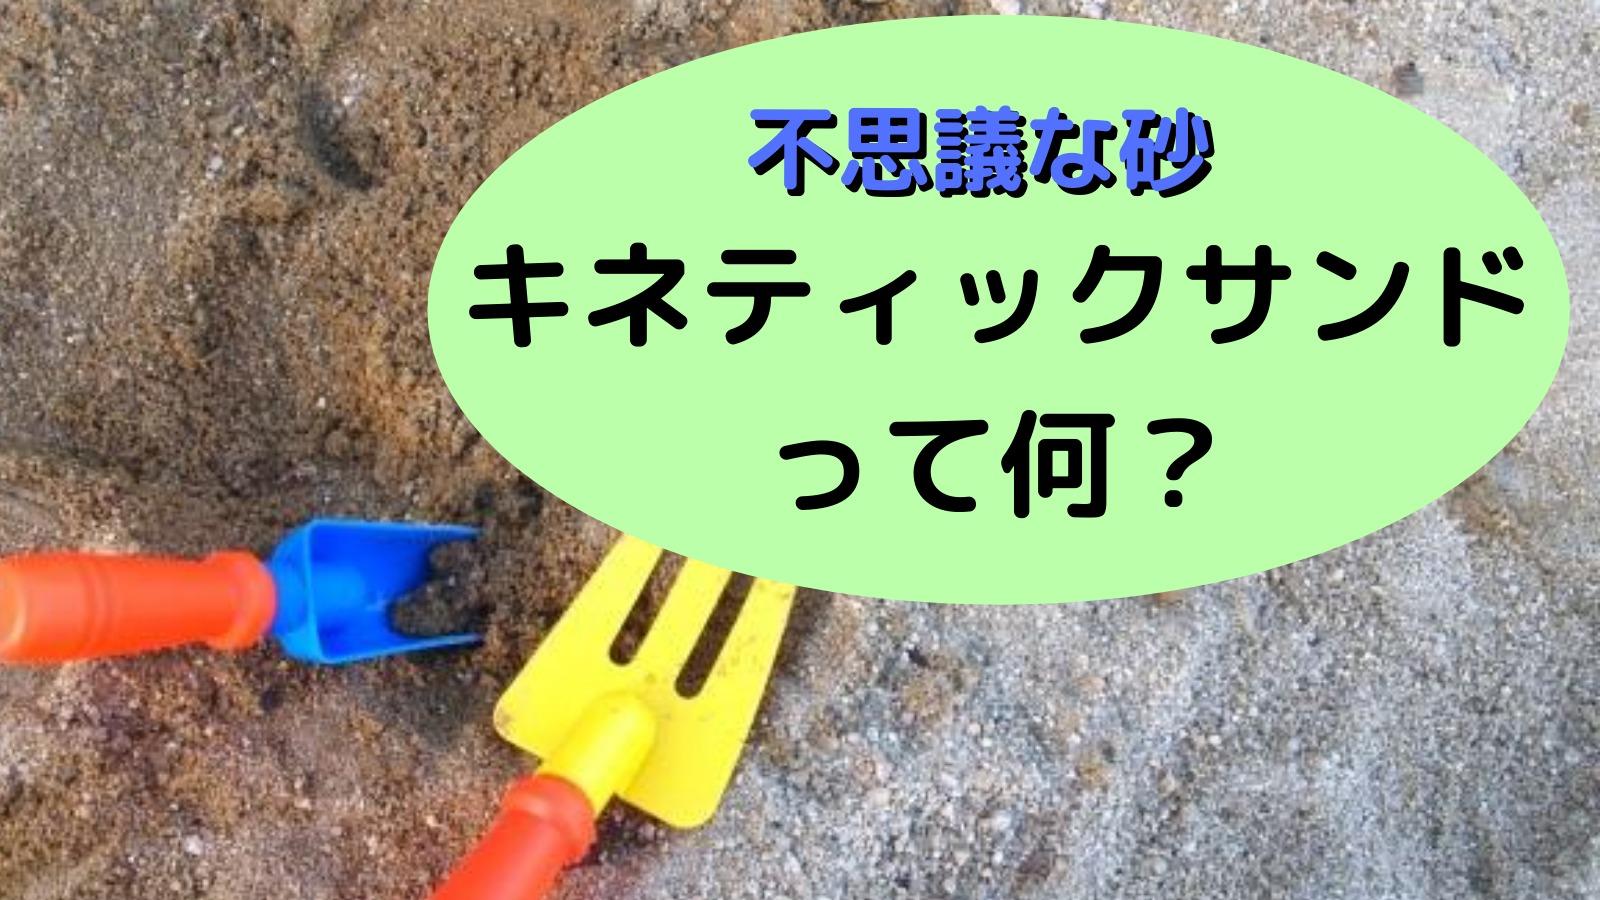 不思議な砂・キネティックサンドって何?